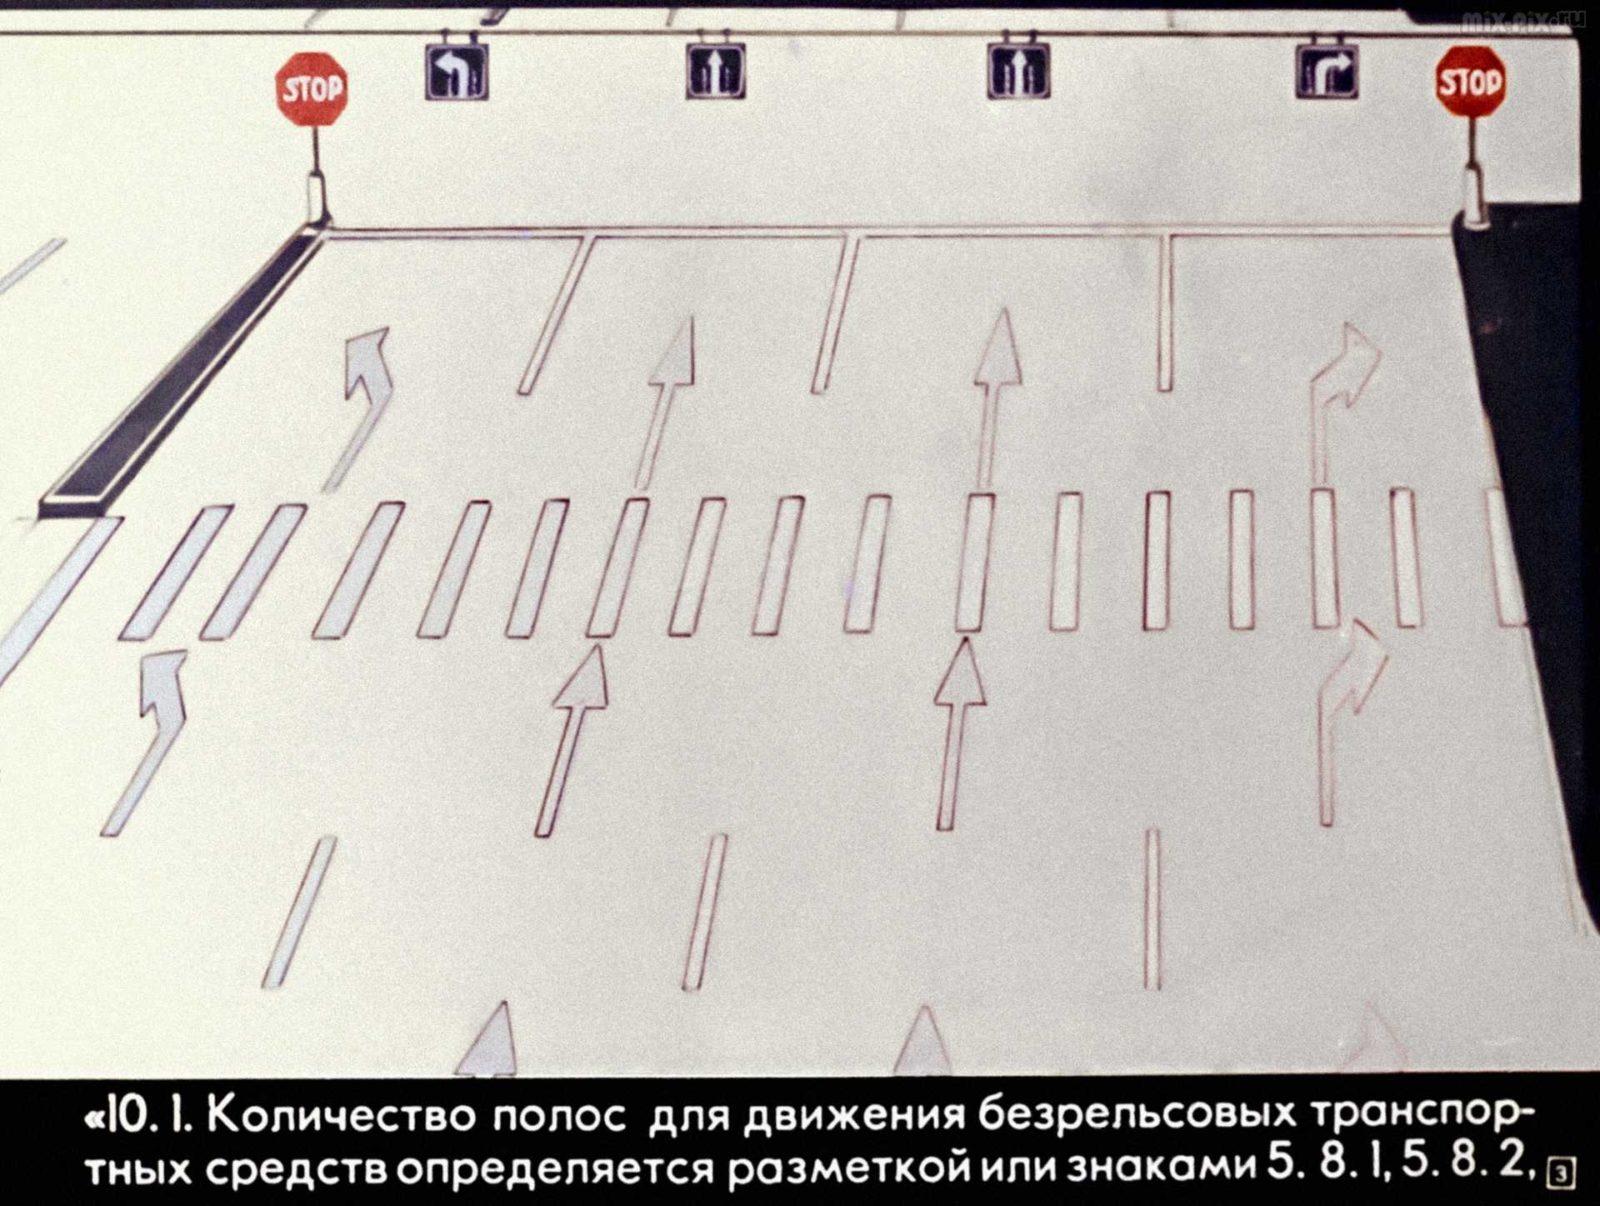 Правила дорожного движения. Расположение транспортных средств на проезжей части. Начало движения. Маневрирование (1983) 31